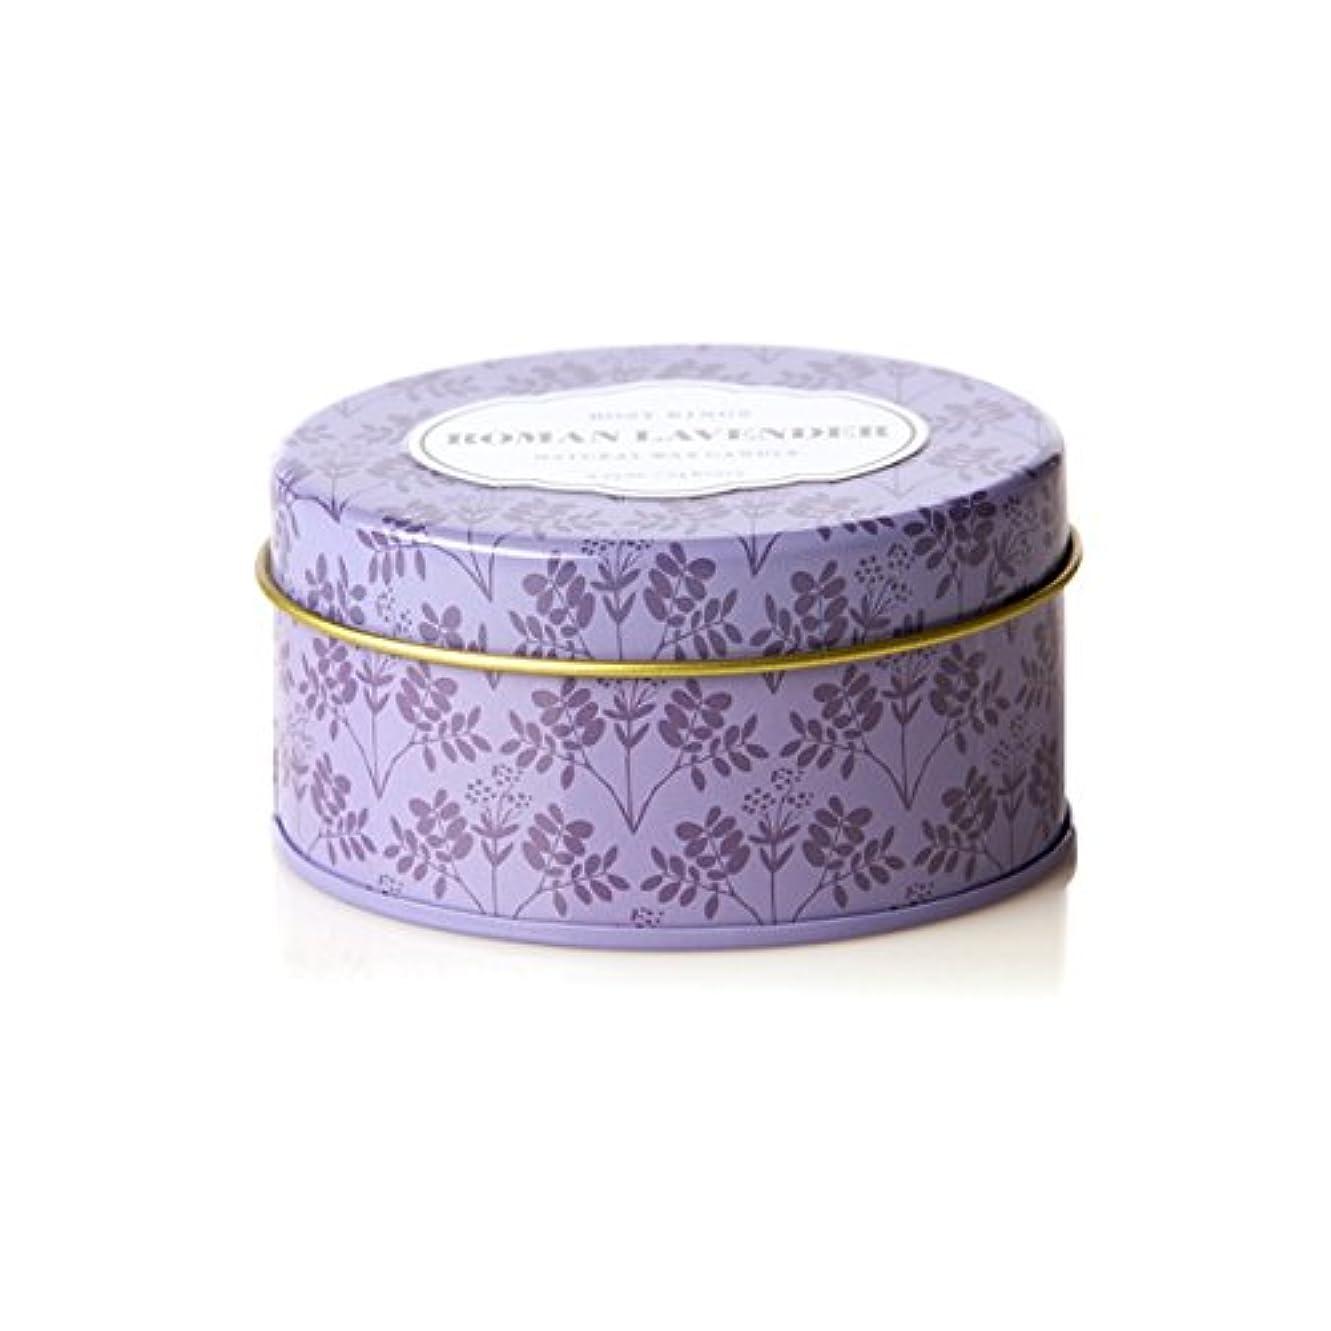 優しさ間隔リンクロージーリングス トラベルティンキャンドル ロマンラベンダー ROSY RINGS Roman Lavender Travel Tin